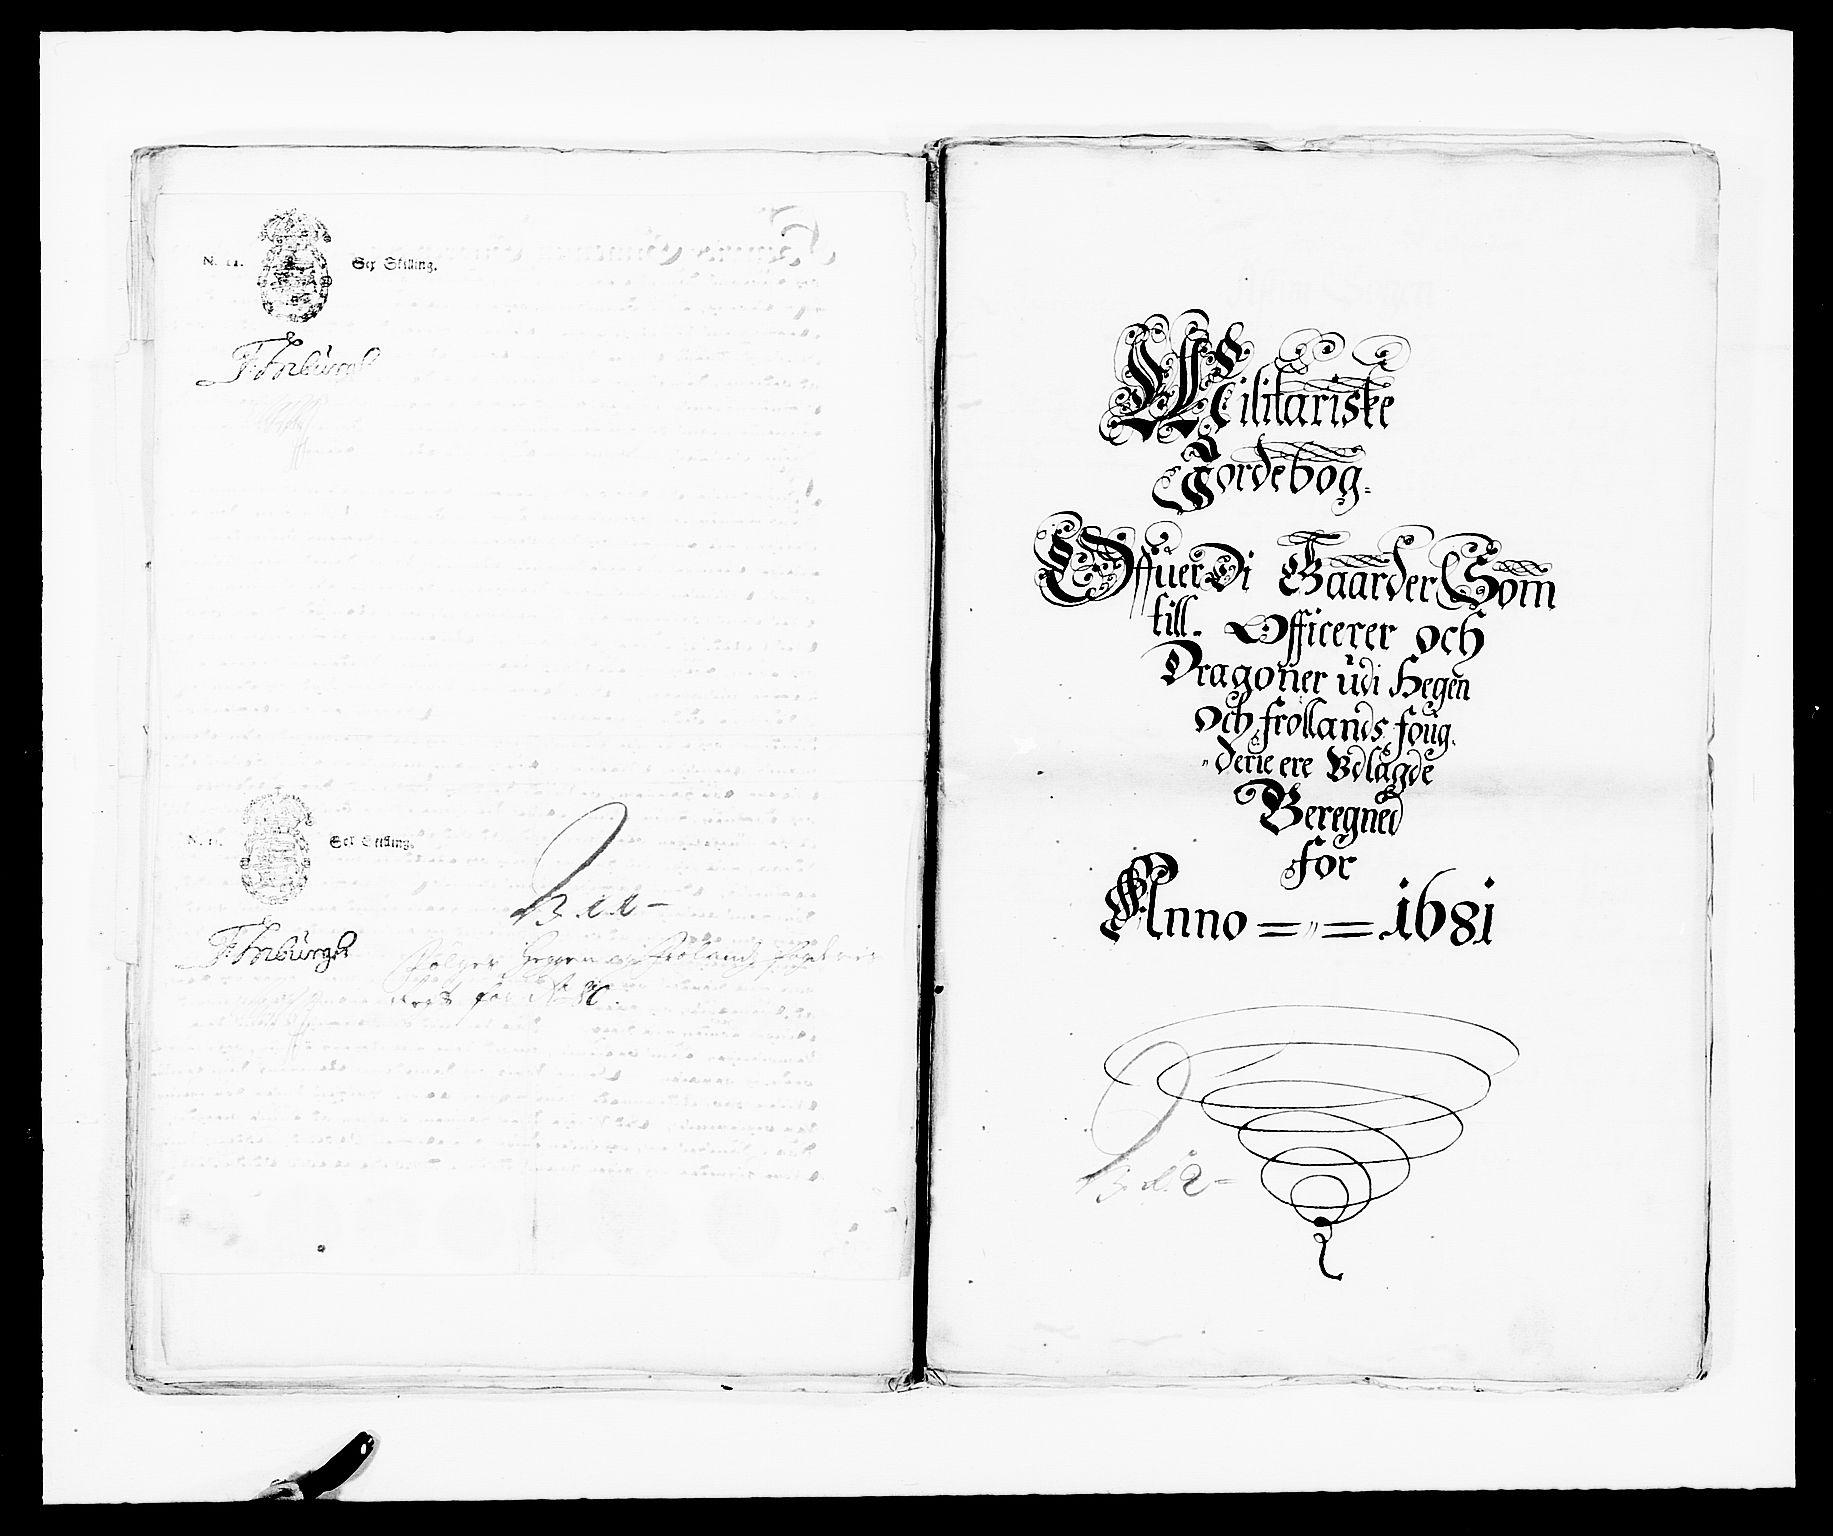 RA, Rentekammeret inntil 1814, Reviderte regnskaper, Fogderegnskap, R06/L0281: Fogderegnskap Heggen og Frøland, 1678-1686, s. 175